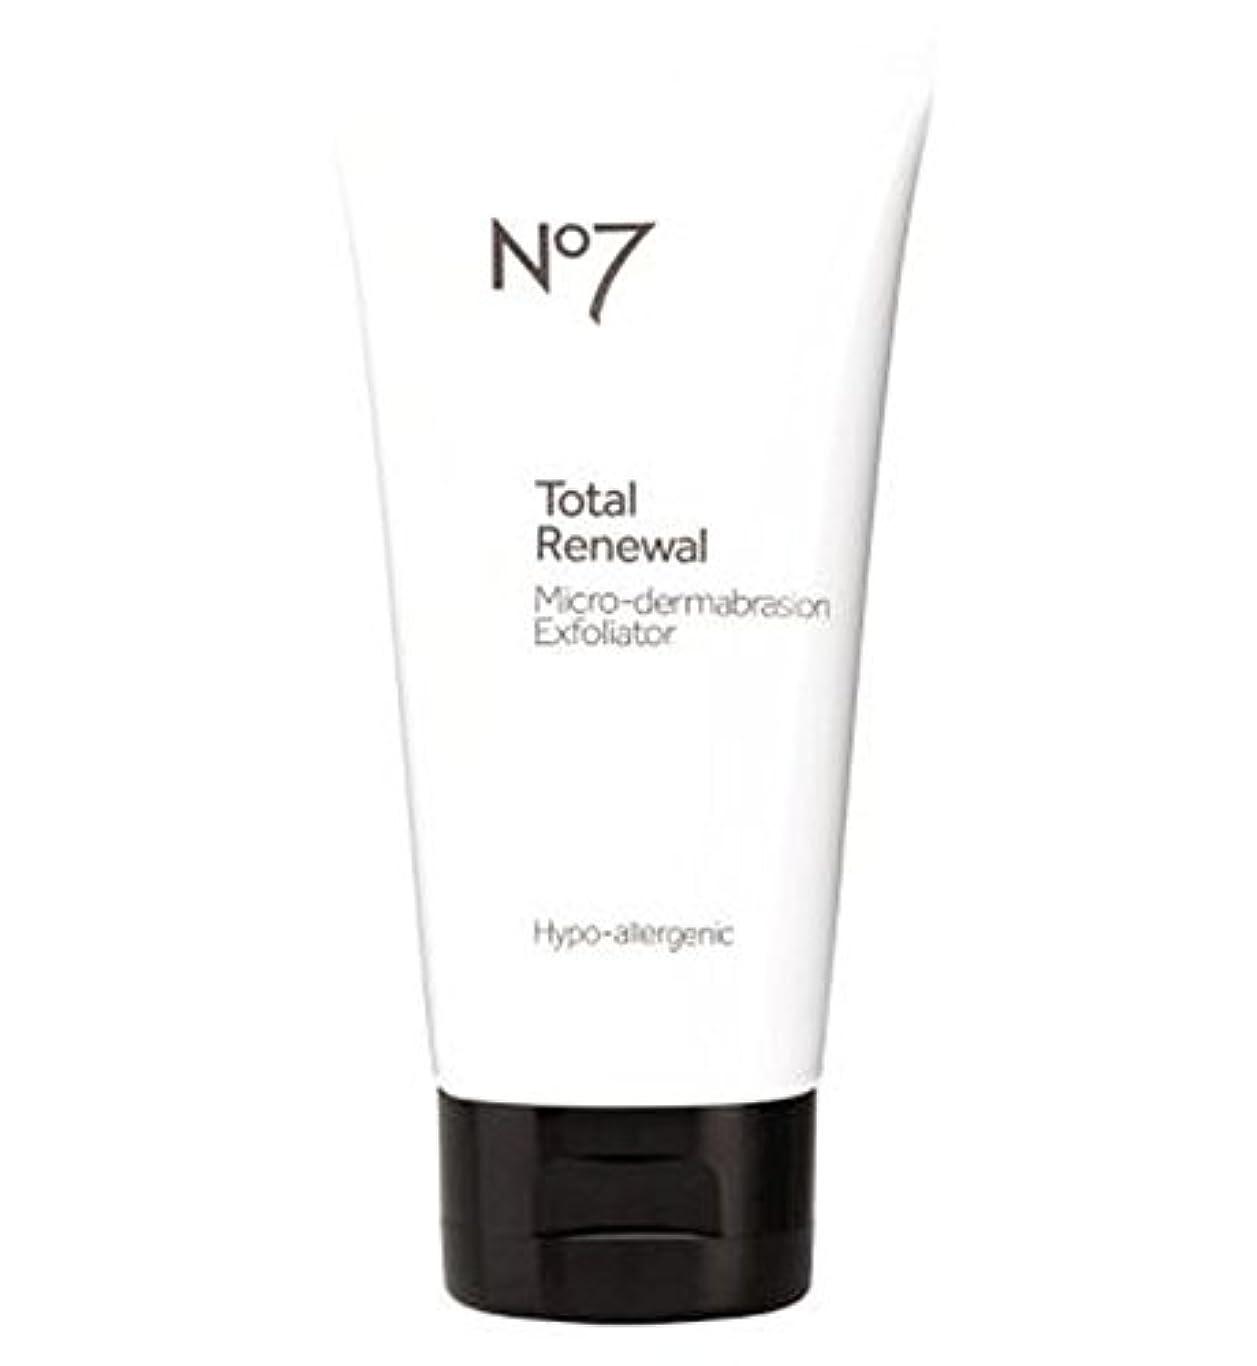 窒息させるトレード違反するNo7 Total Renewal Micro-dermabrasion Face Exfoliator - No7総リニューアルマイクロ皮膚剥離面エクスフォリエーター (No7) [並行輸入品]